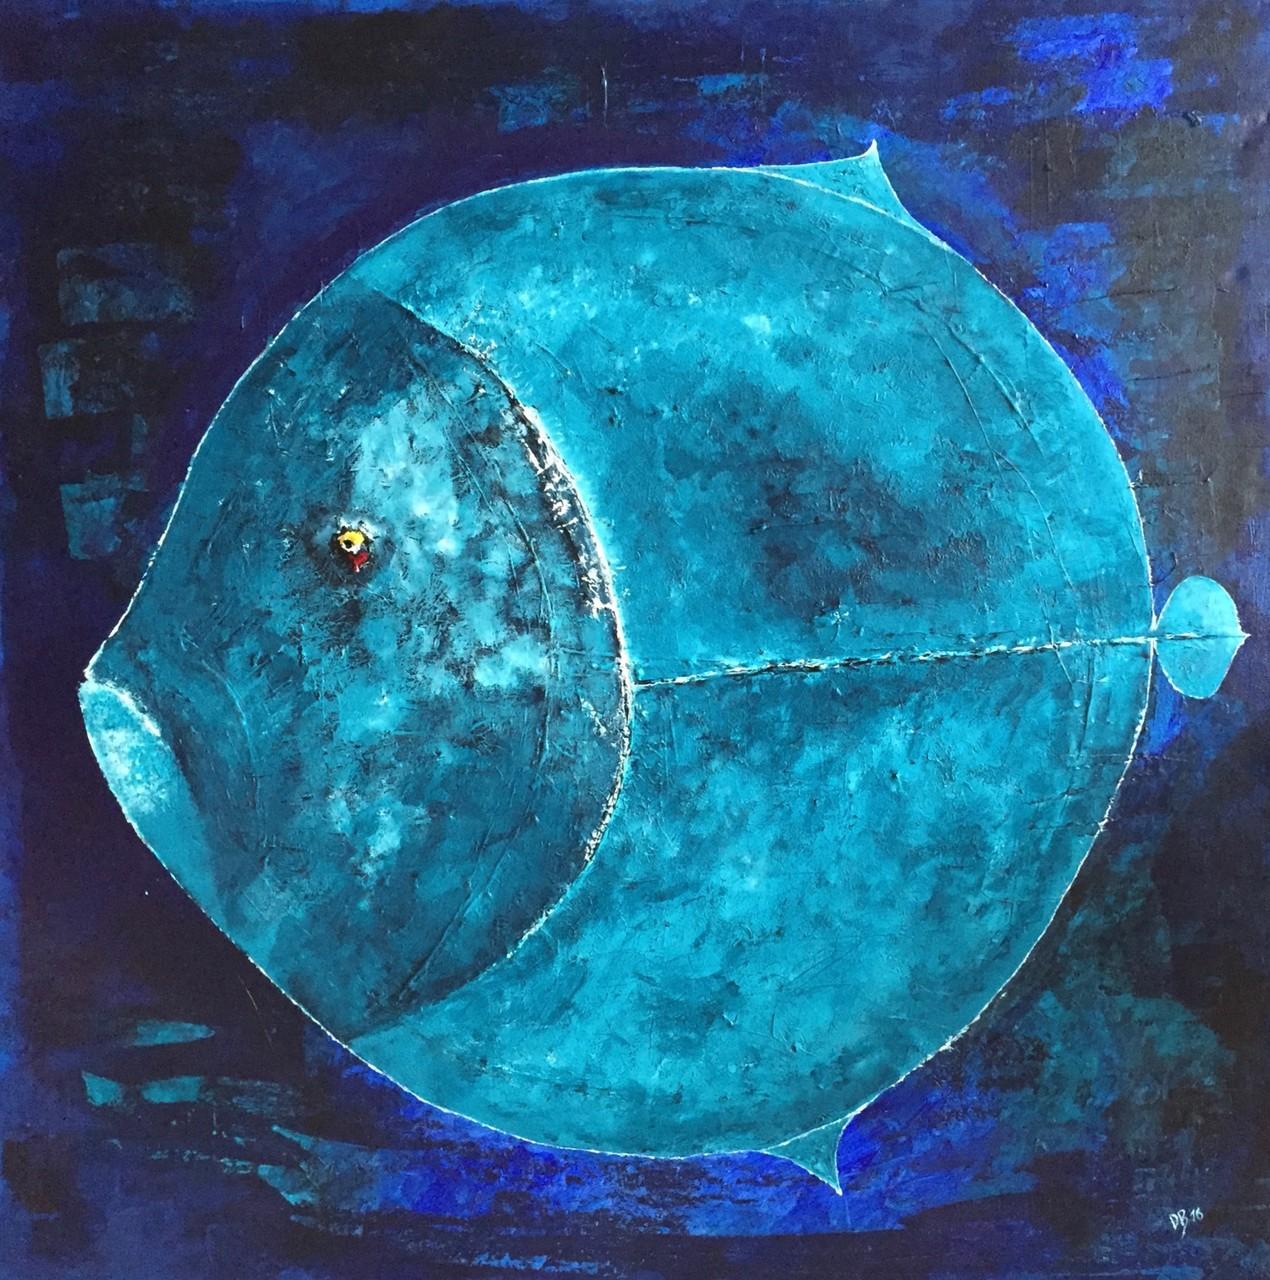 Leinwand Acryl -Fisch 100 x 100